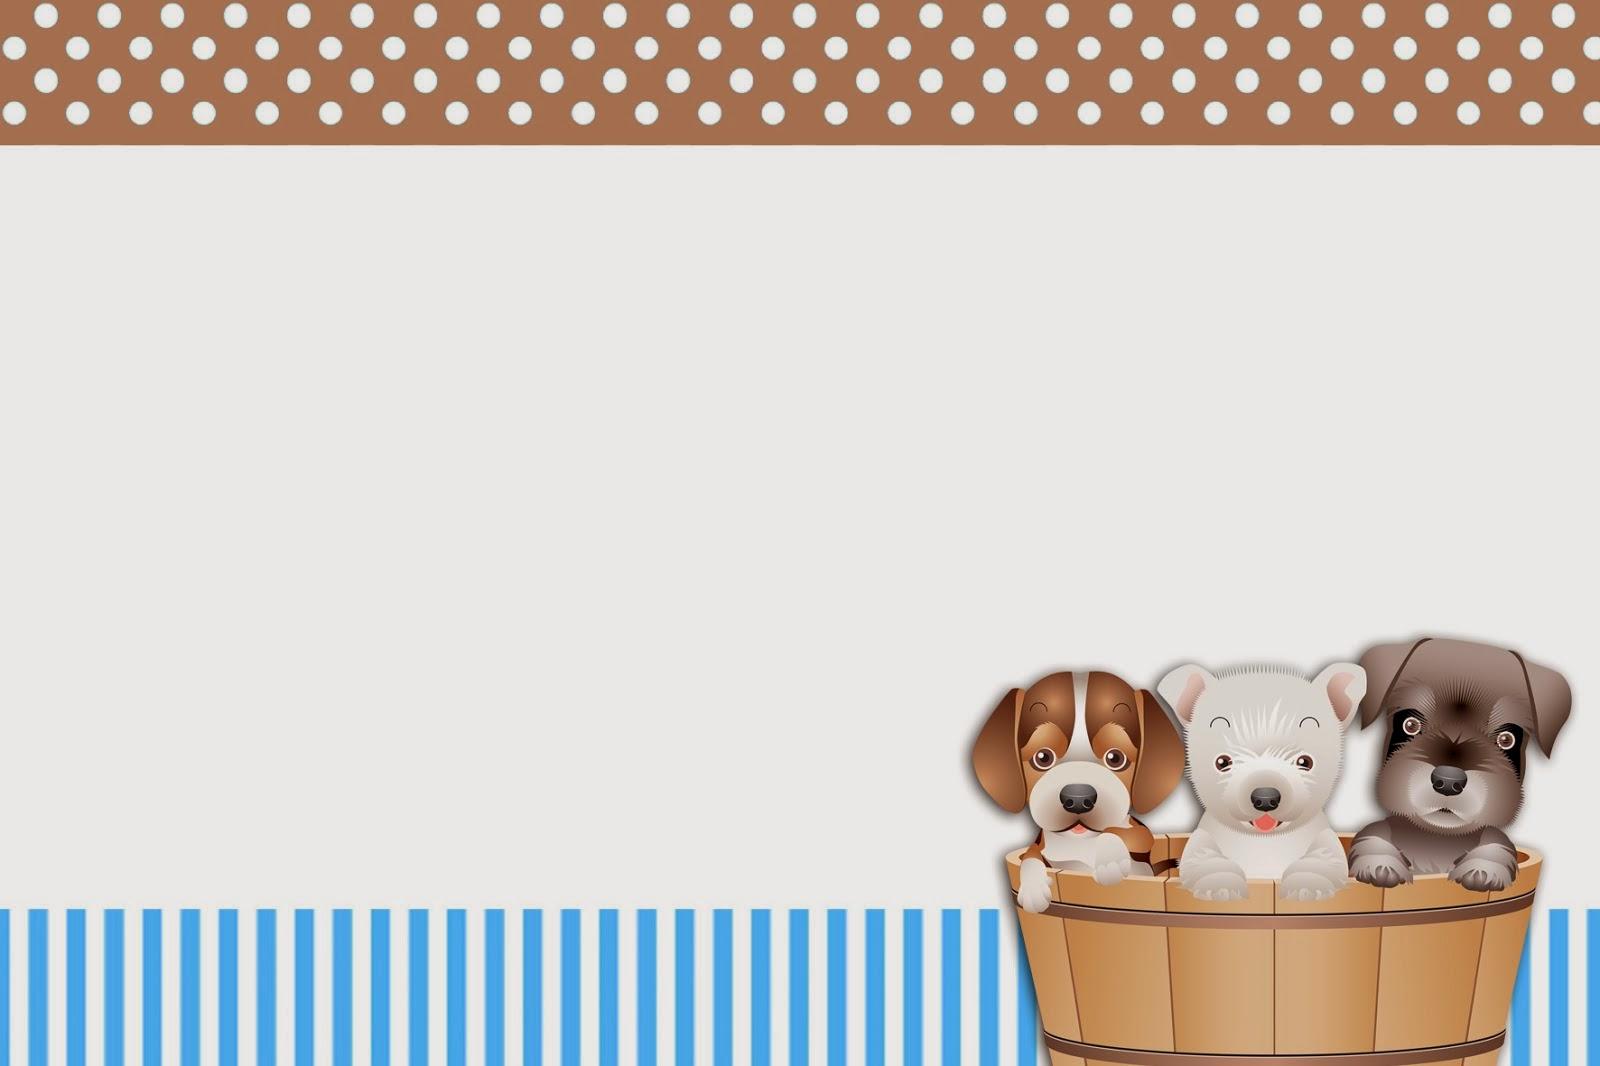 Invitaciones Gratis de Perritos.